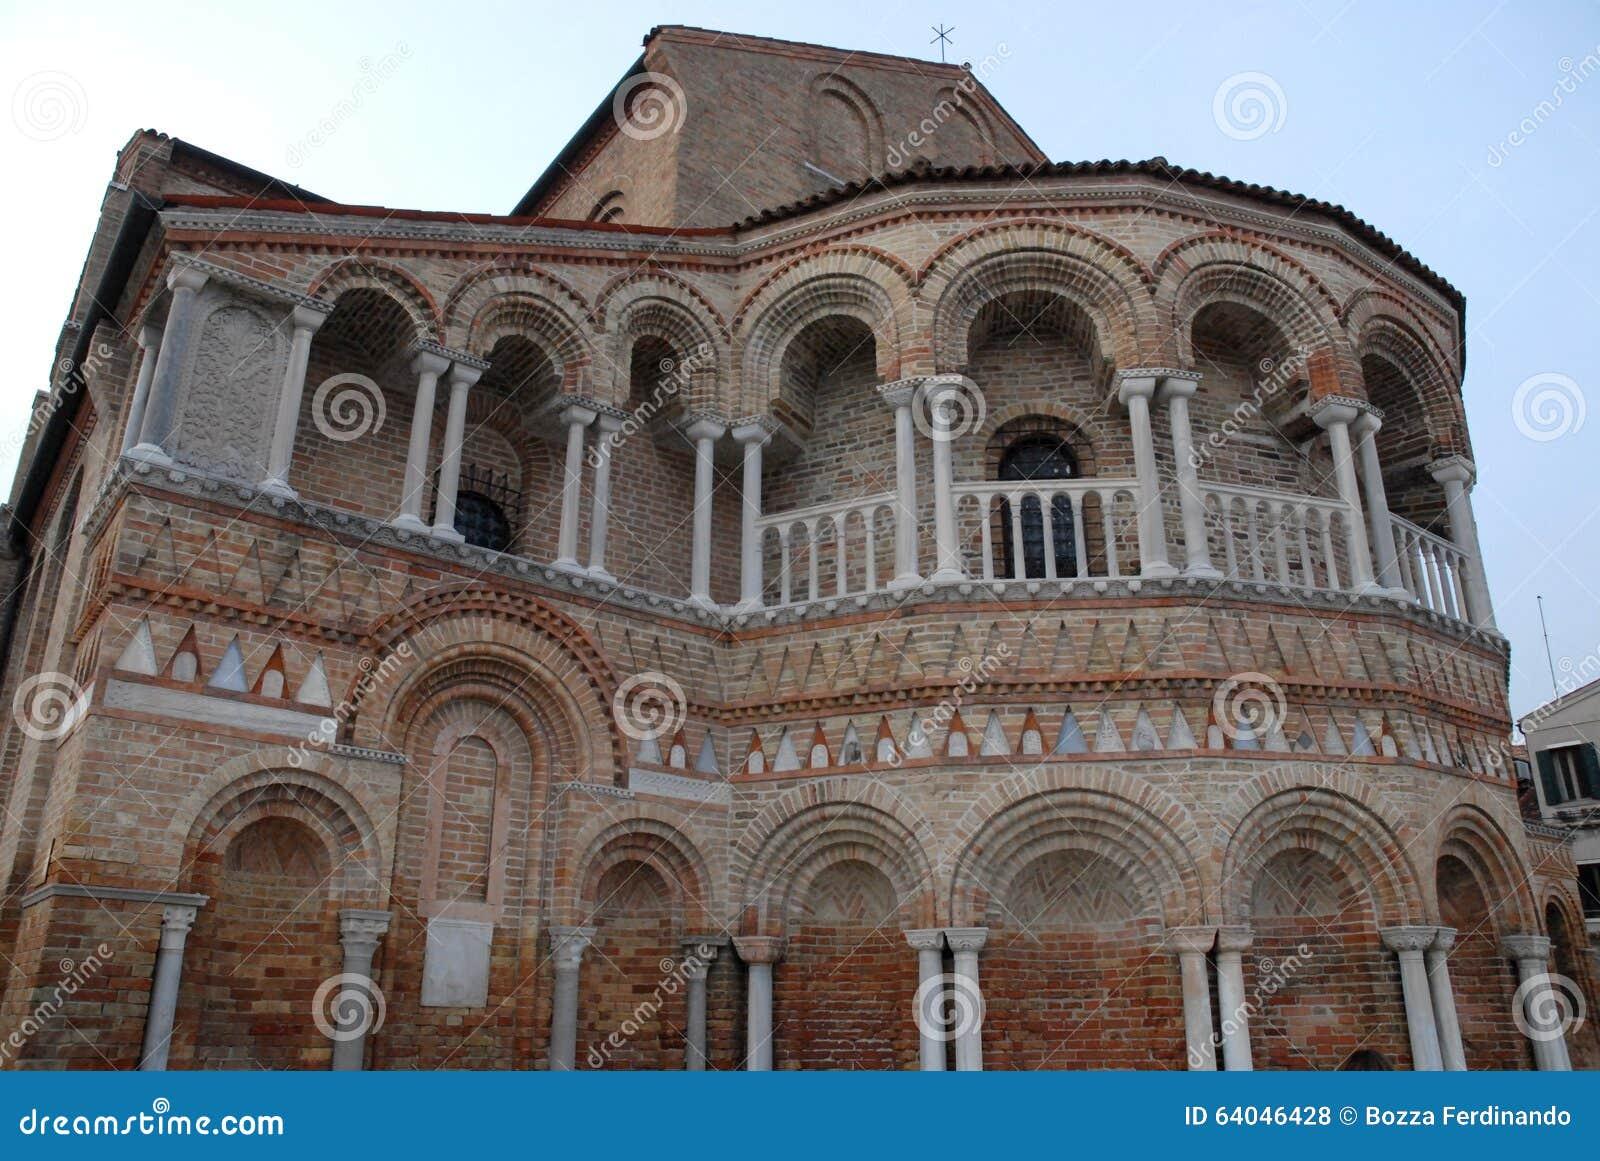 Murano大教堂的近星点的外壁在威尼斯的自治市的在威尼托(意大利)